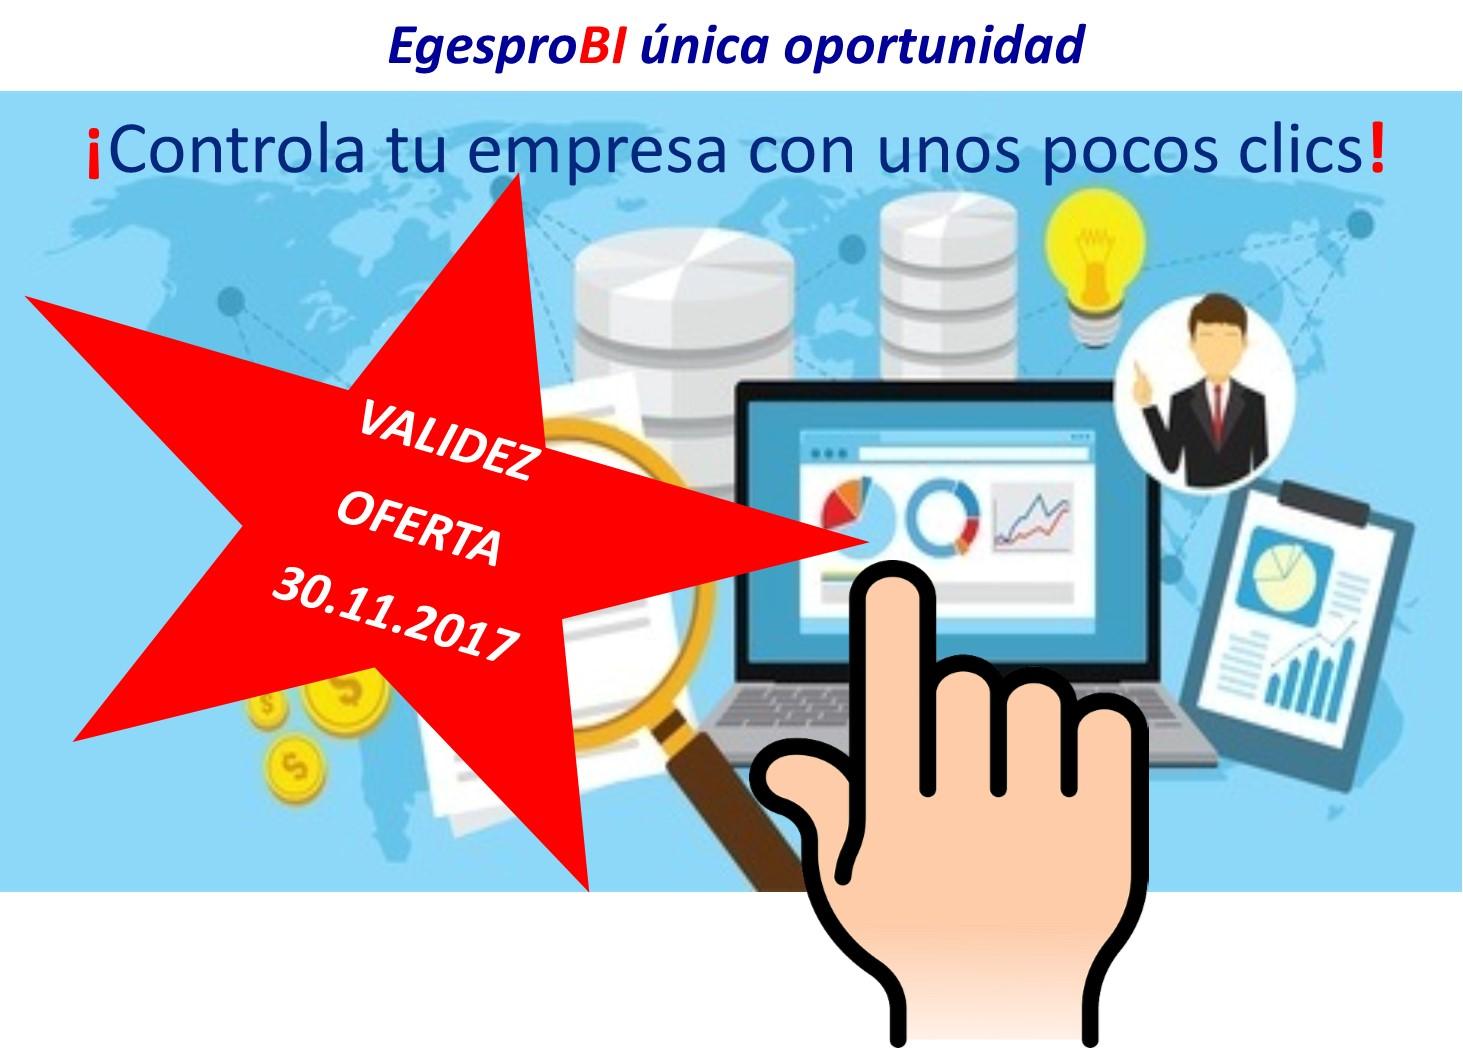 Oferta EgesproBI. Promoción por lanzamiento de nuevo servicio de EuskoDat.